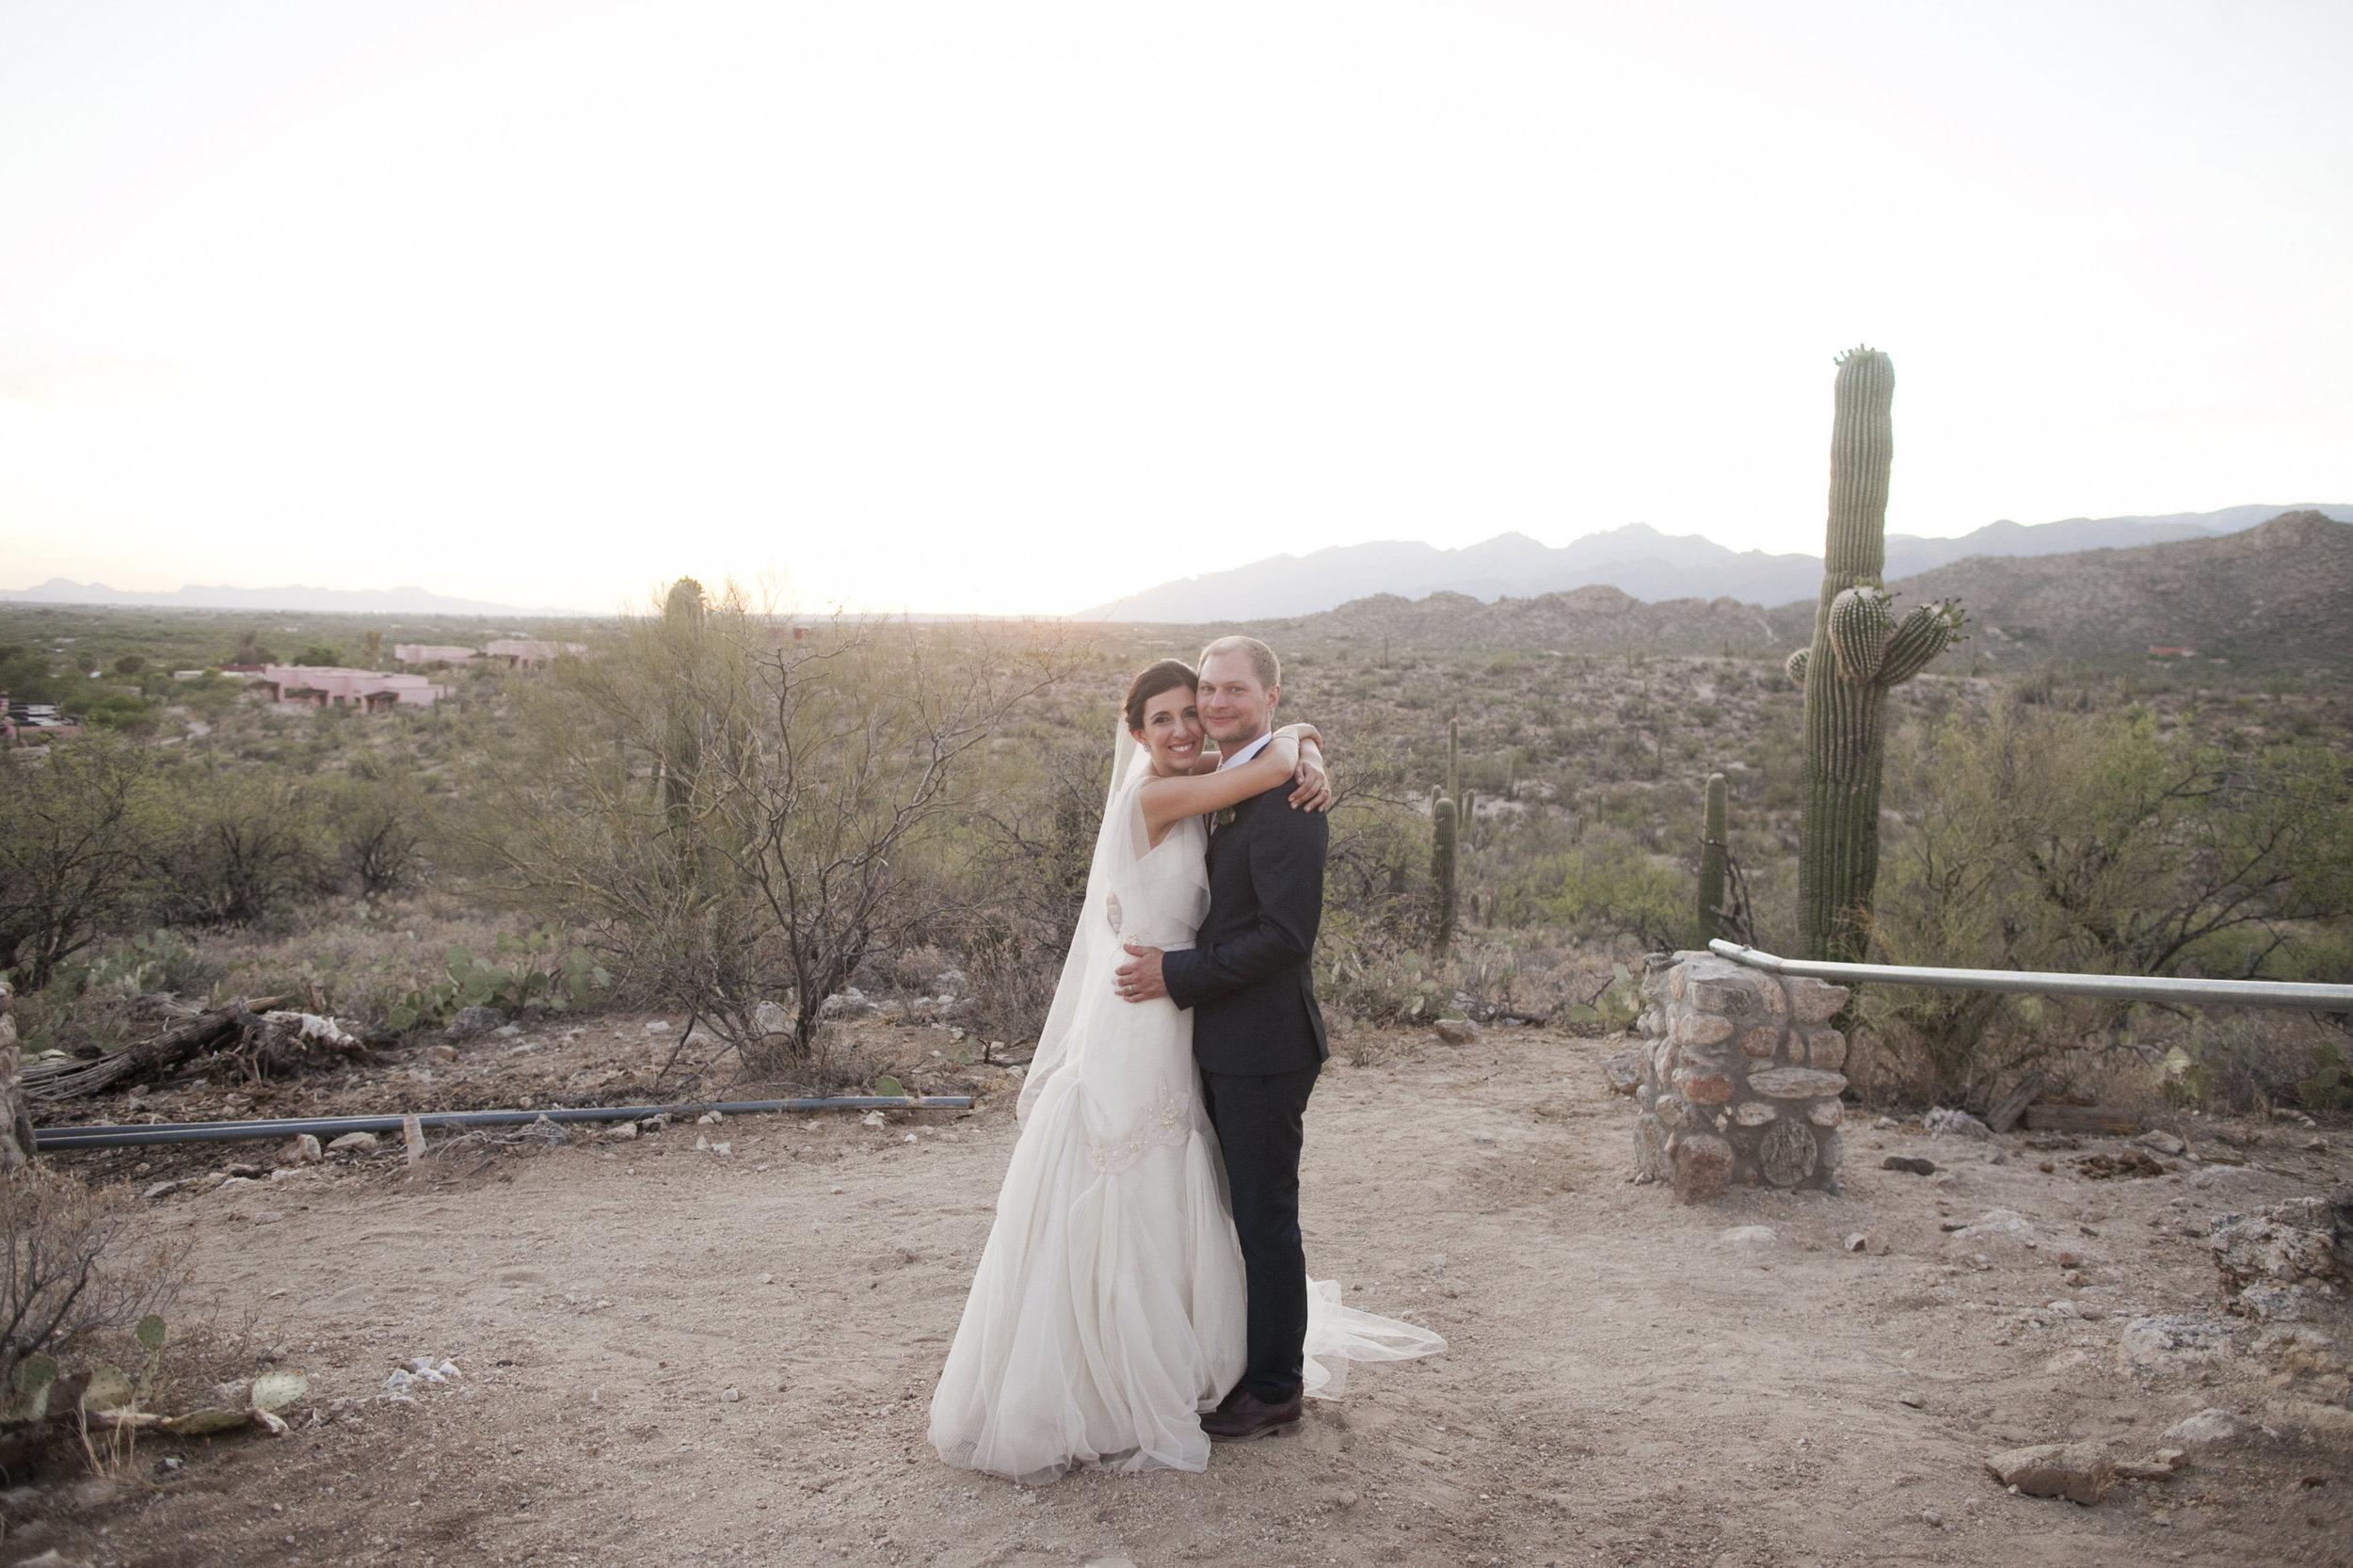 Ceci_New_York_Ceci_Style_Ceci_Johnson_Luxury_Lifestyle_Arizona_Wedding_Watercolor_Inspiration_Design_Custom_Couture_Personalized_Invitations_165.jpg